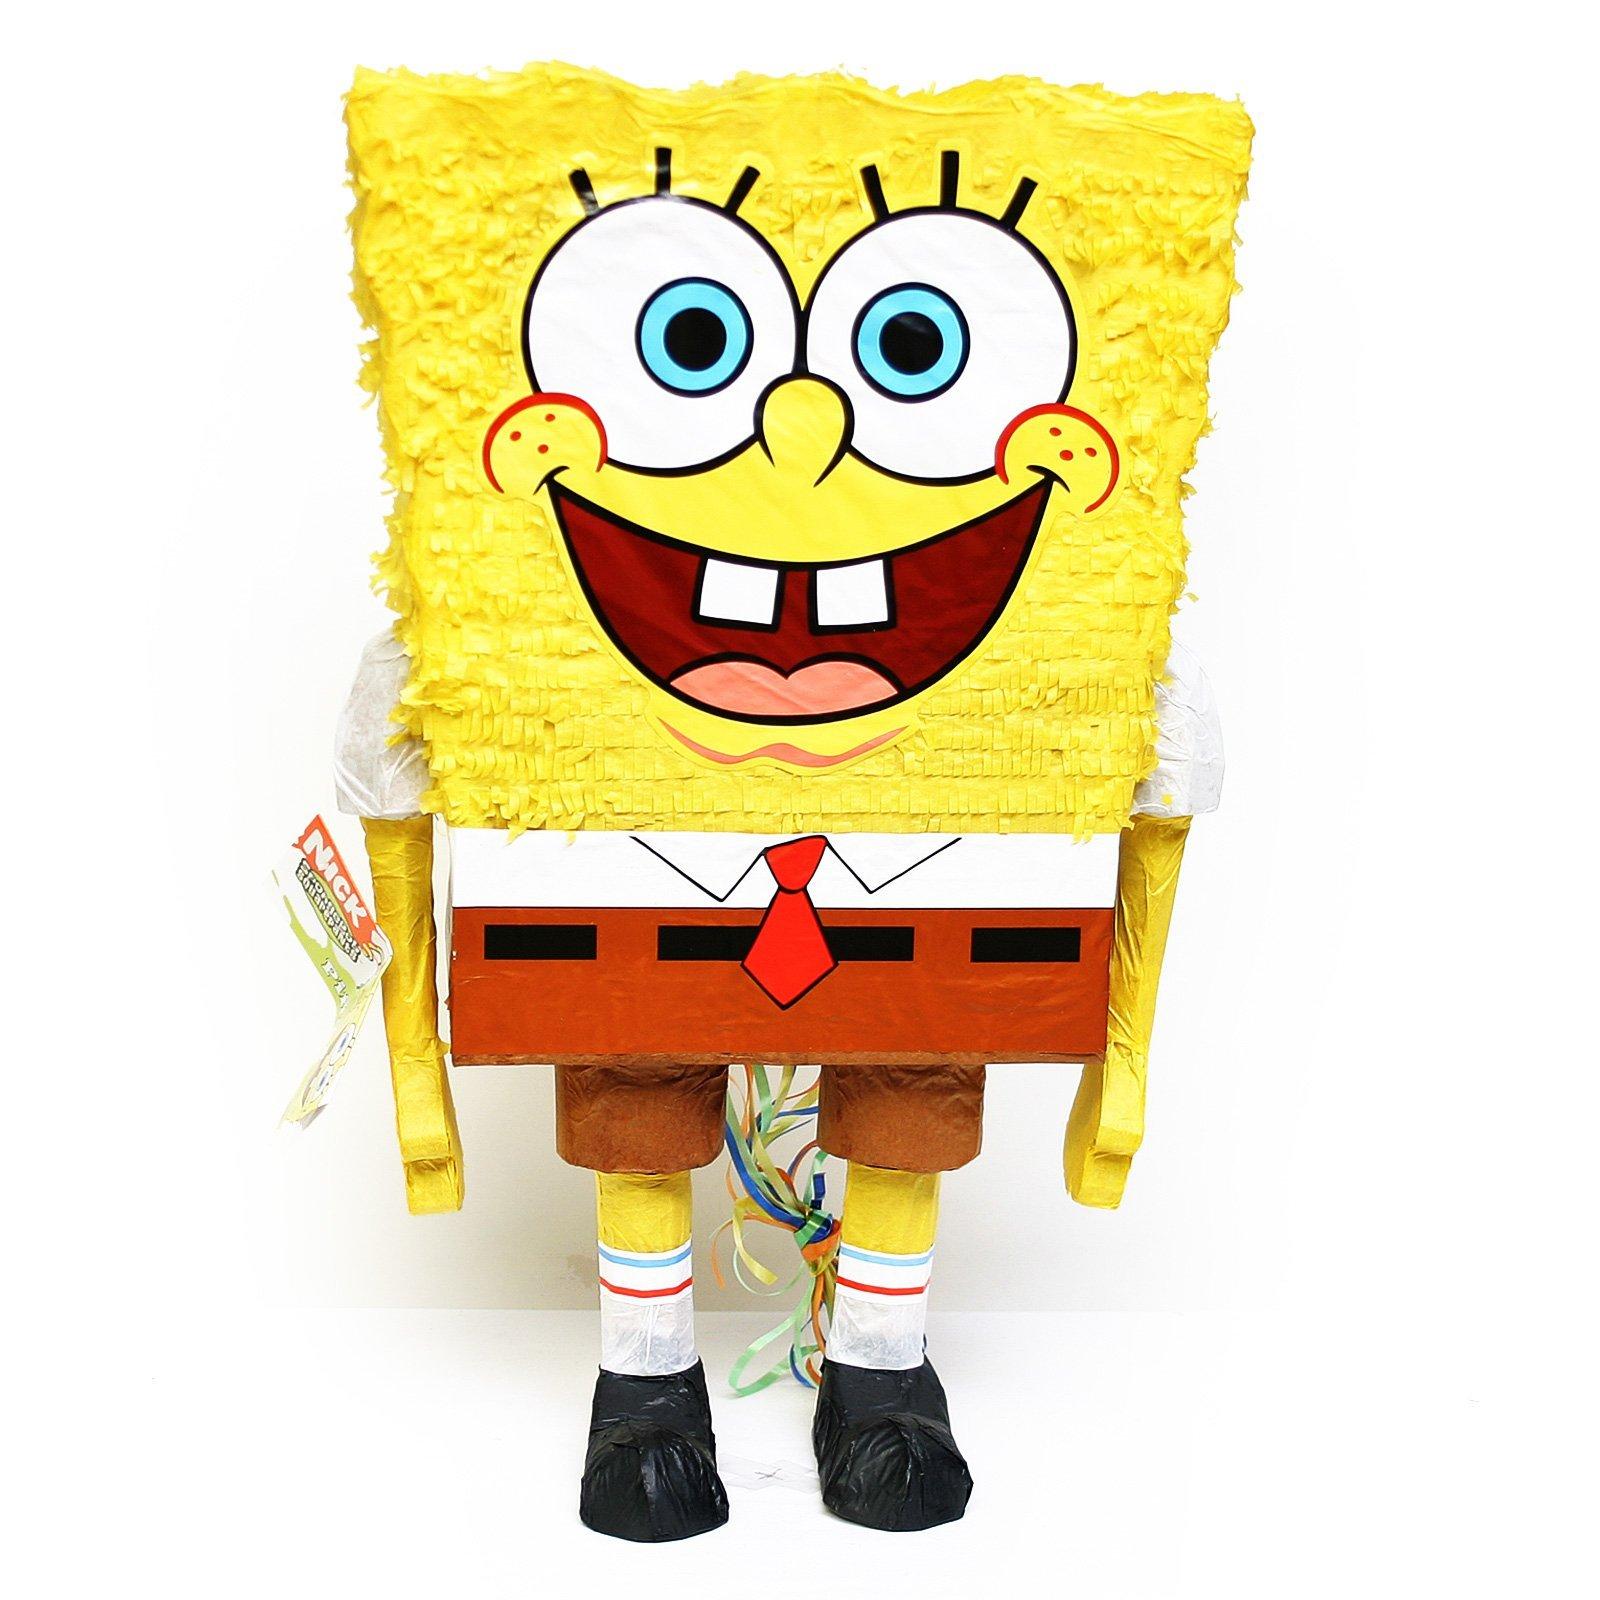 Pull Pinata-Spongebob Squarepants 3d 23''X14''